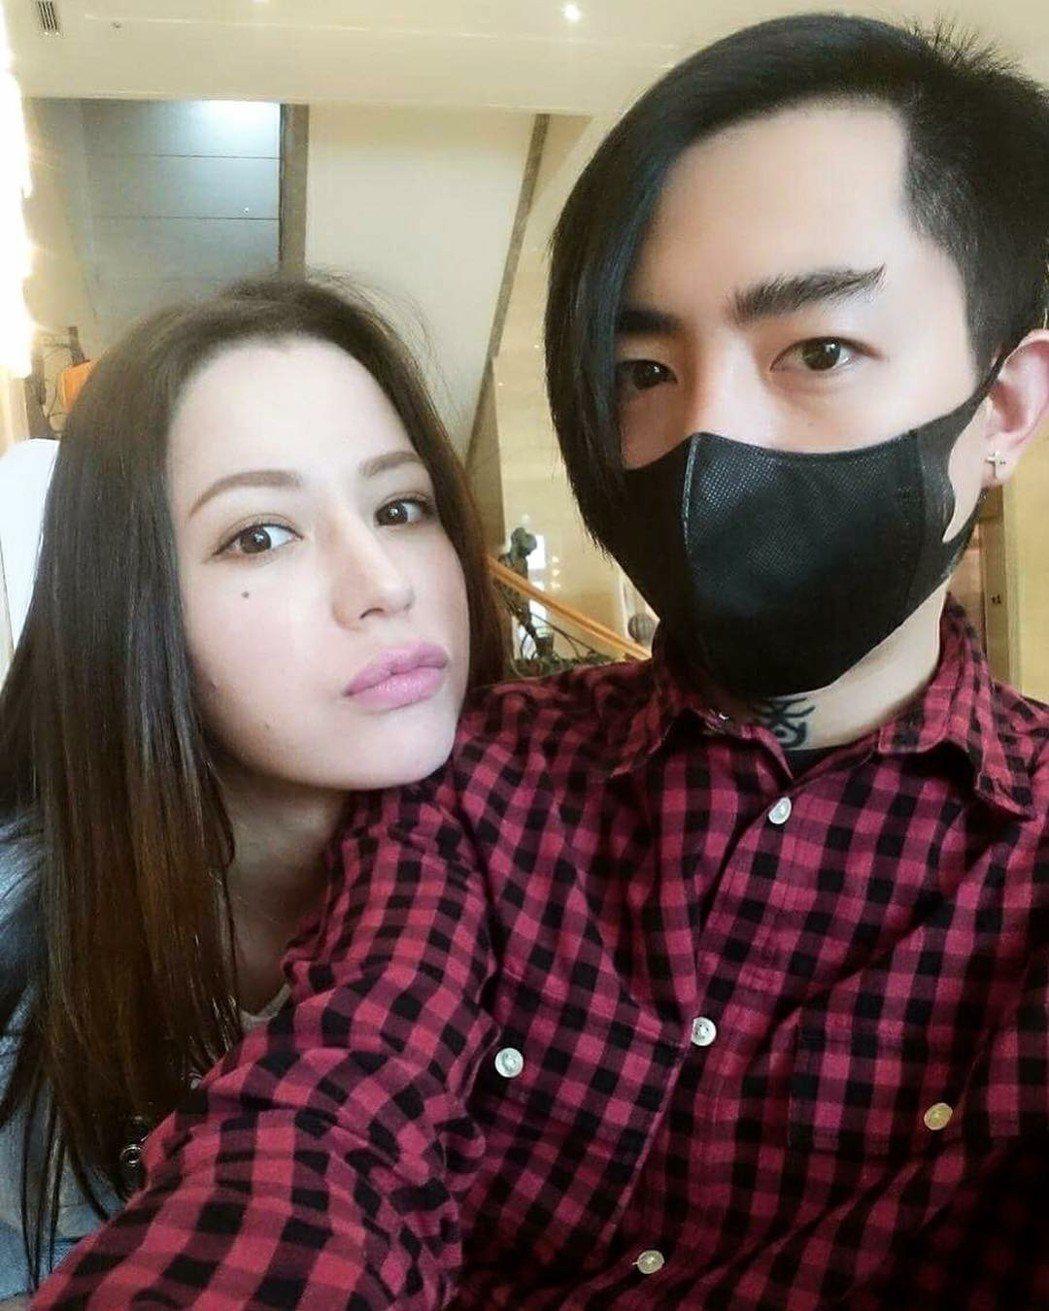 謝和弦(右)與老婆。圖/摘自臉書